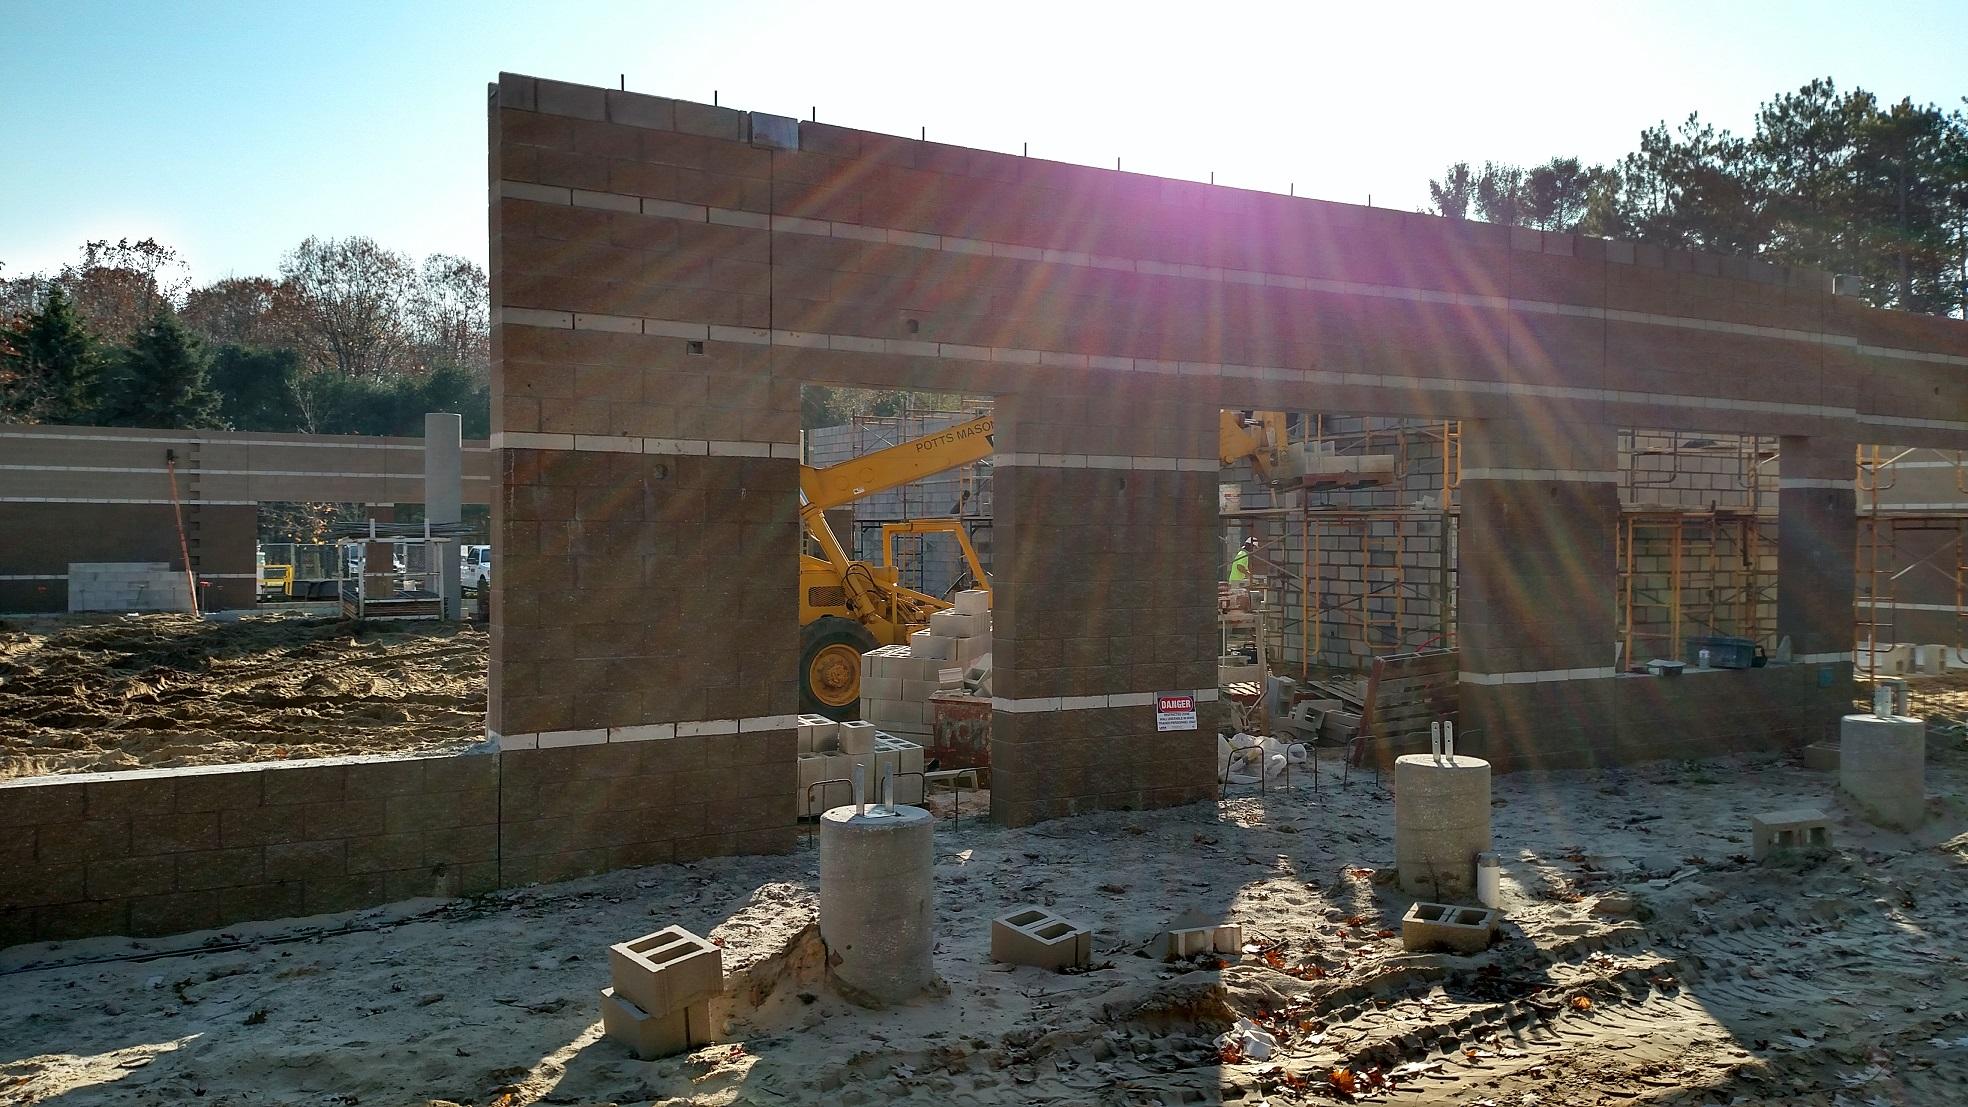 walls and more walls